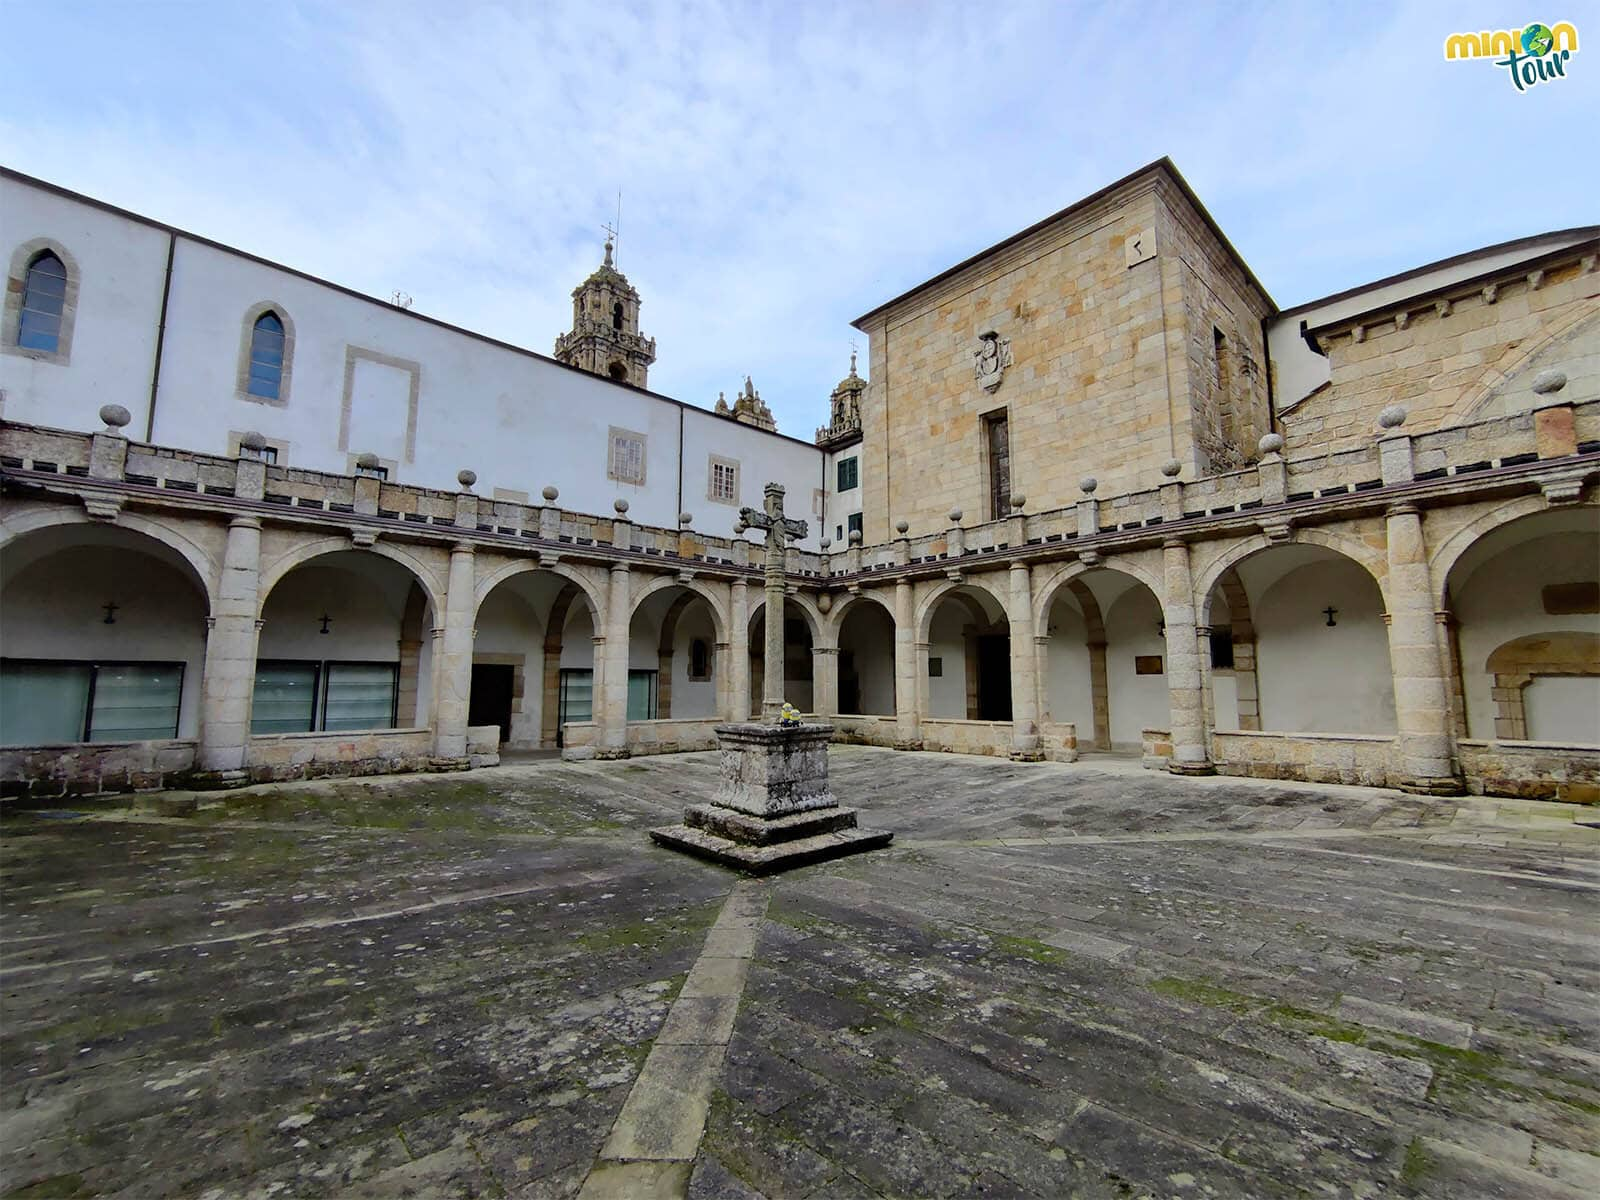 Disfrutando del claustro de la Catedral de Mondoñedo